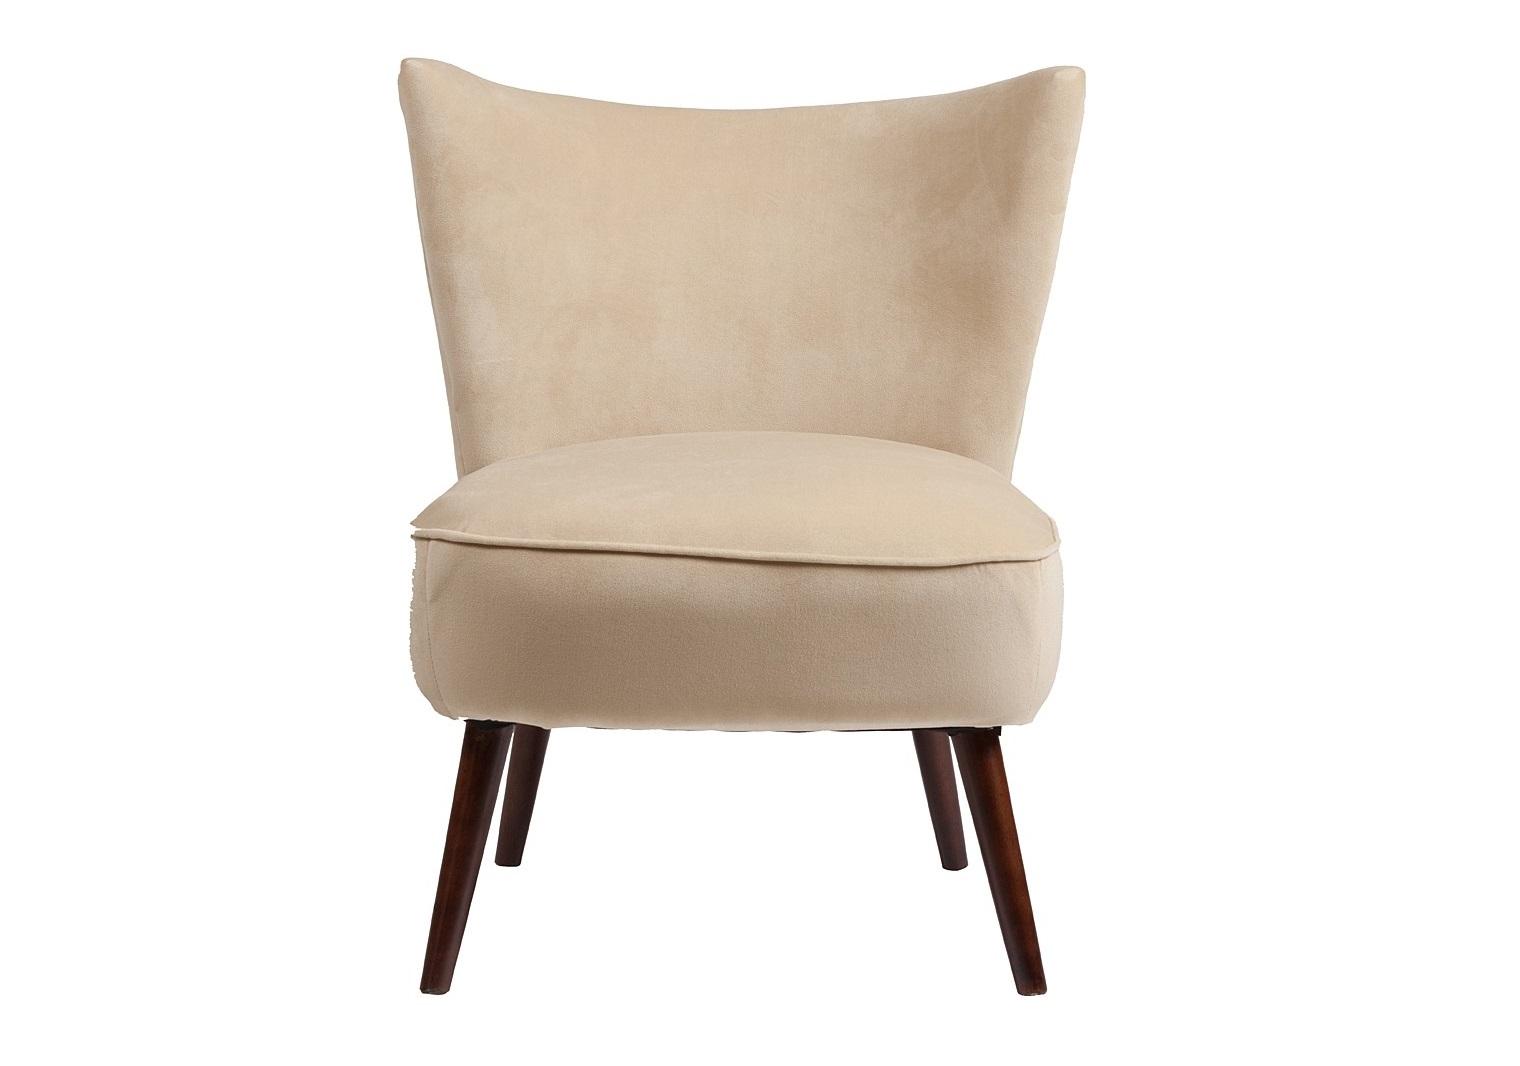 Кресло Vermont ChairИнтерьерные кресла<br><br><br>Material: Текстиль<br>Width см: 62<br>Depth см: 68<br>Height см: 75,5